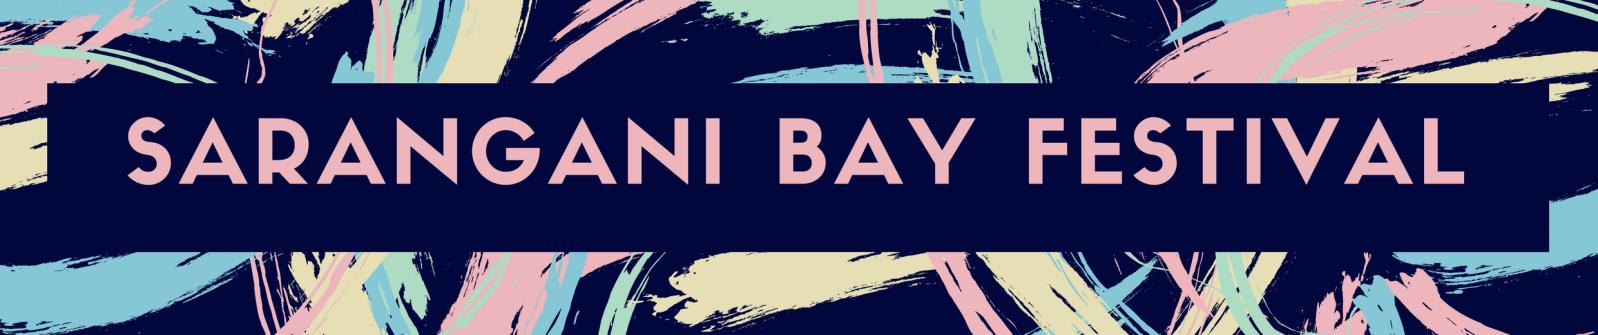 sarangani bay festival